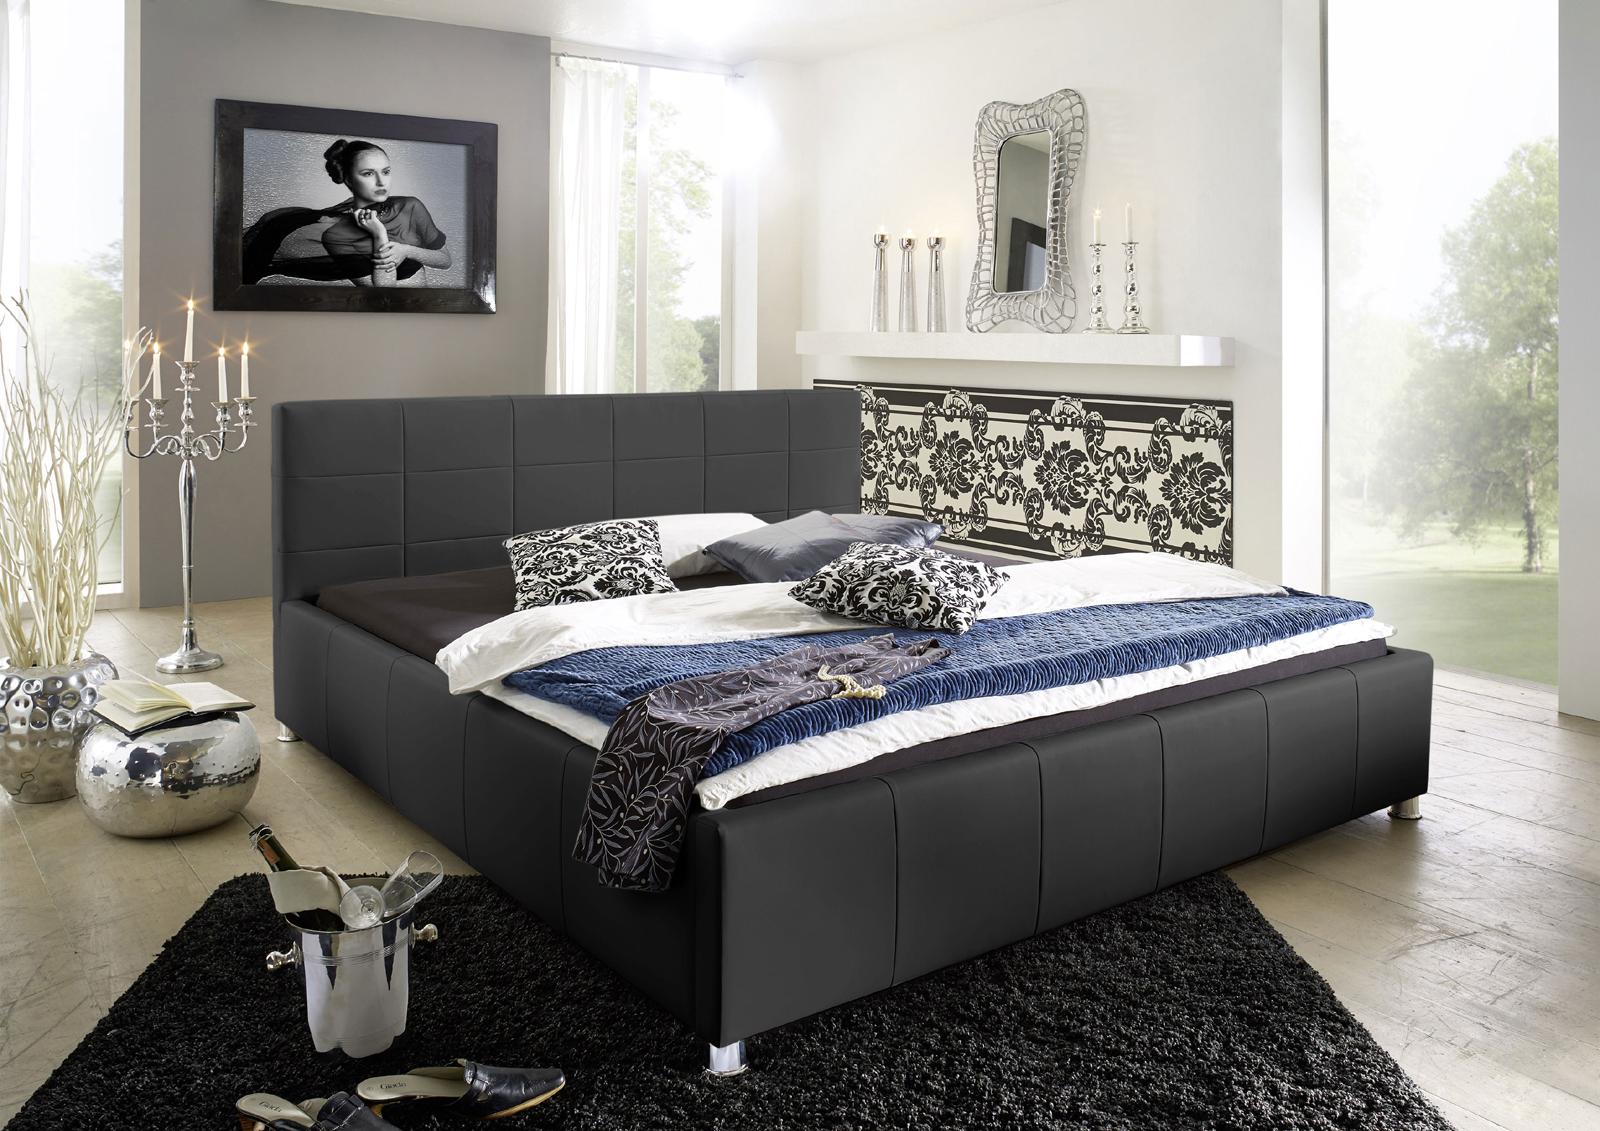 Bett Rückenlehne mit gut ideen für ihr wohnideen